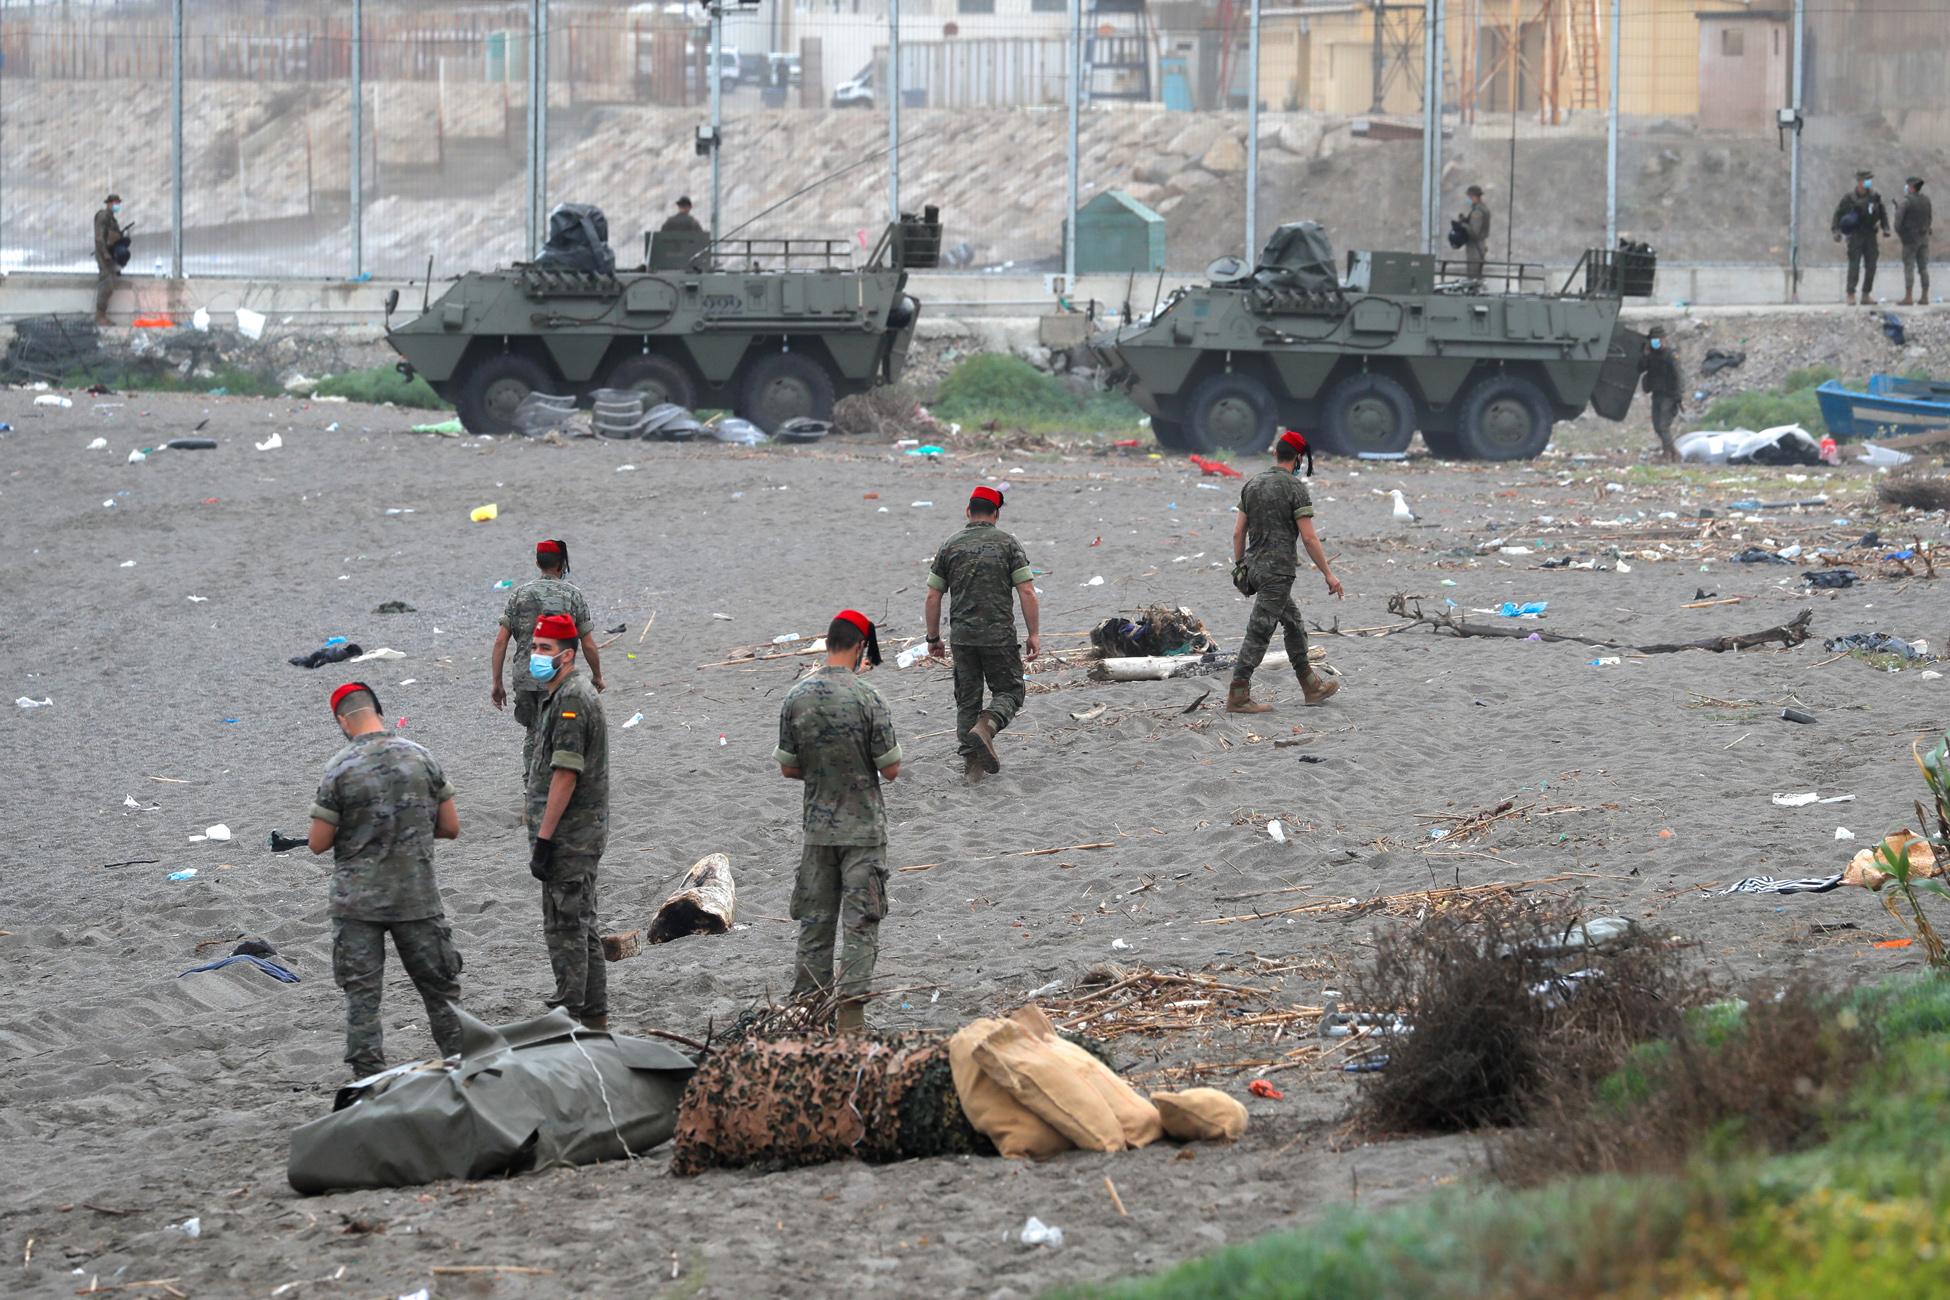 Ισπανία κατά Μαρόκο: Απέτυχε να ελέγξει τα σύνορά του